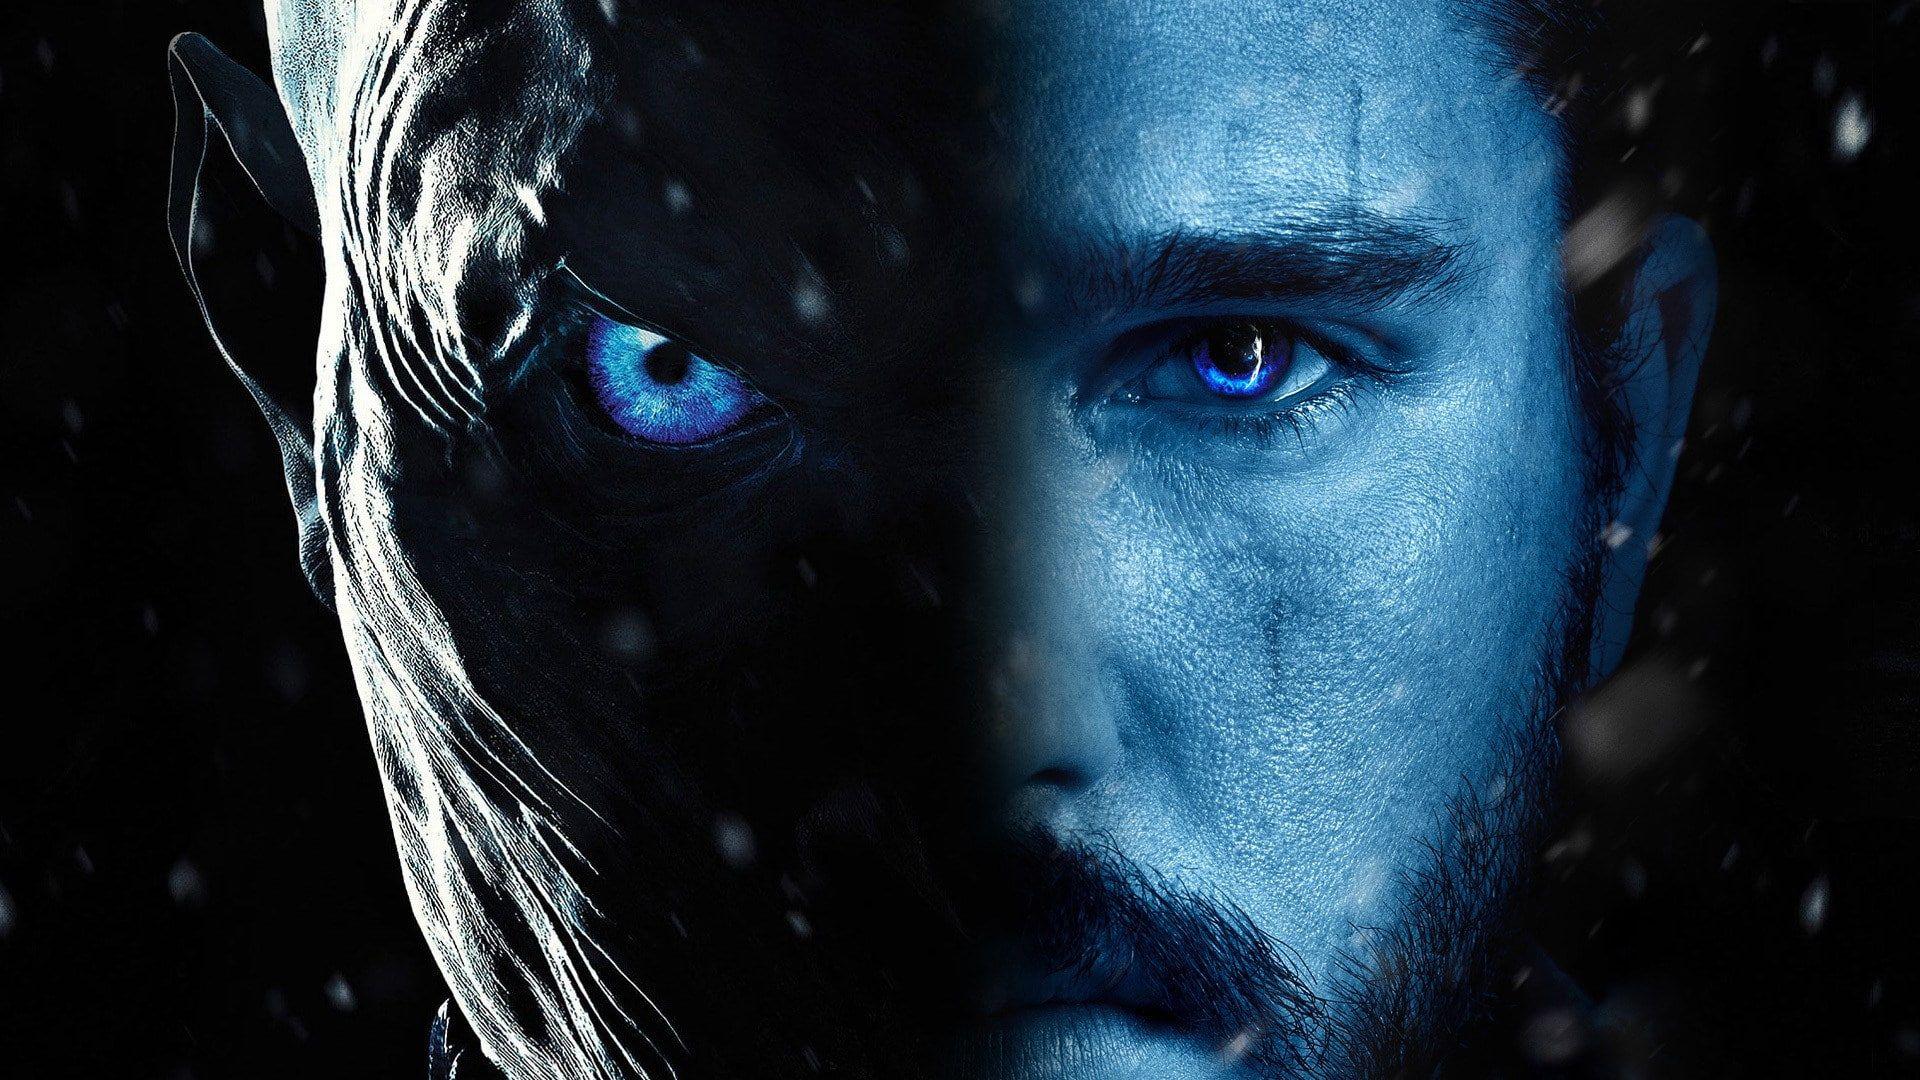 Face Tv Game Of Thrones White Walker Blue Eyes Jon Snow 1080p Wallpaper Hdwallpaper Deskto Game Of Thrones Facts Game Of Thrones Tv Watch Game Of Thrones